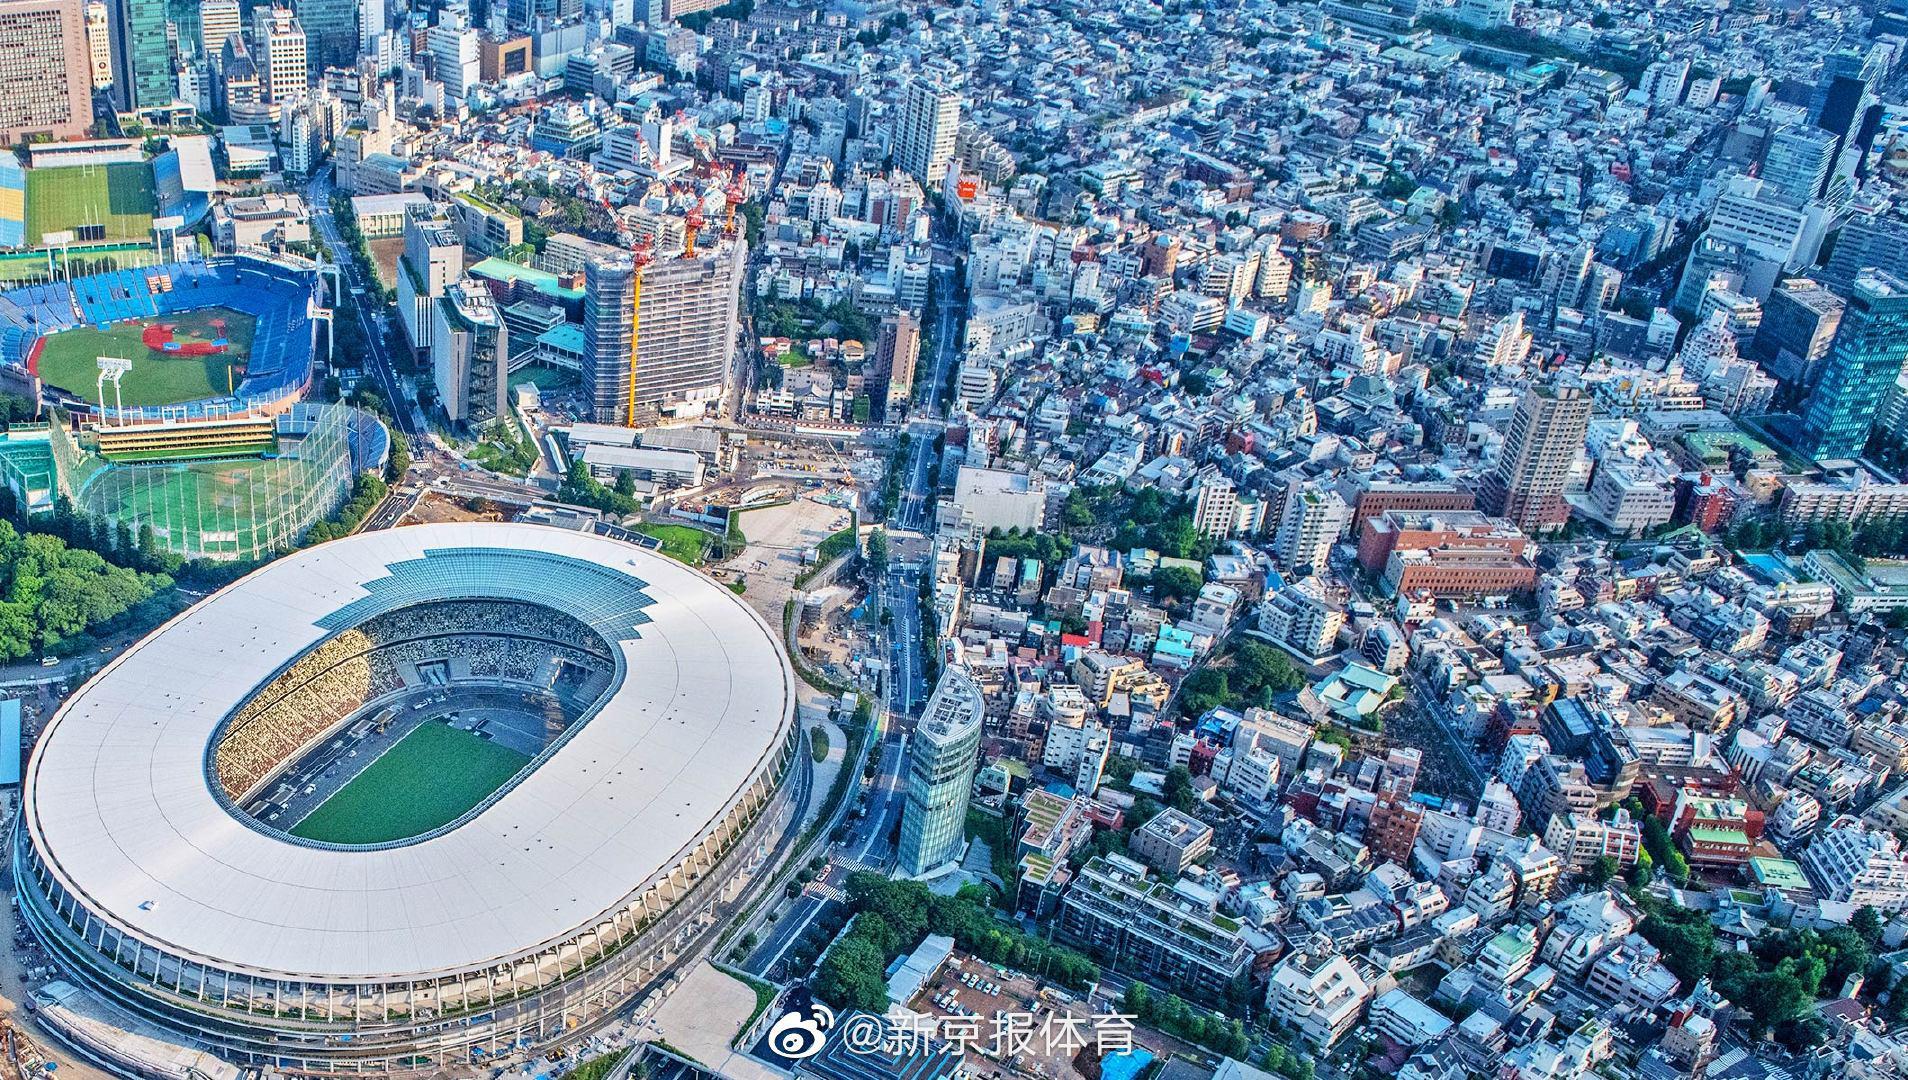 东京奥运会参赛名额57%已获确认